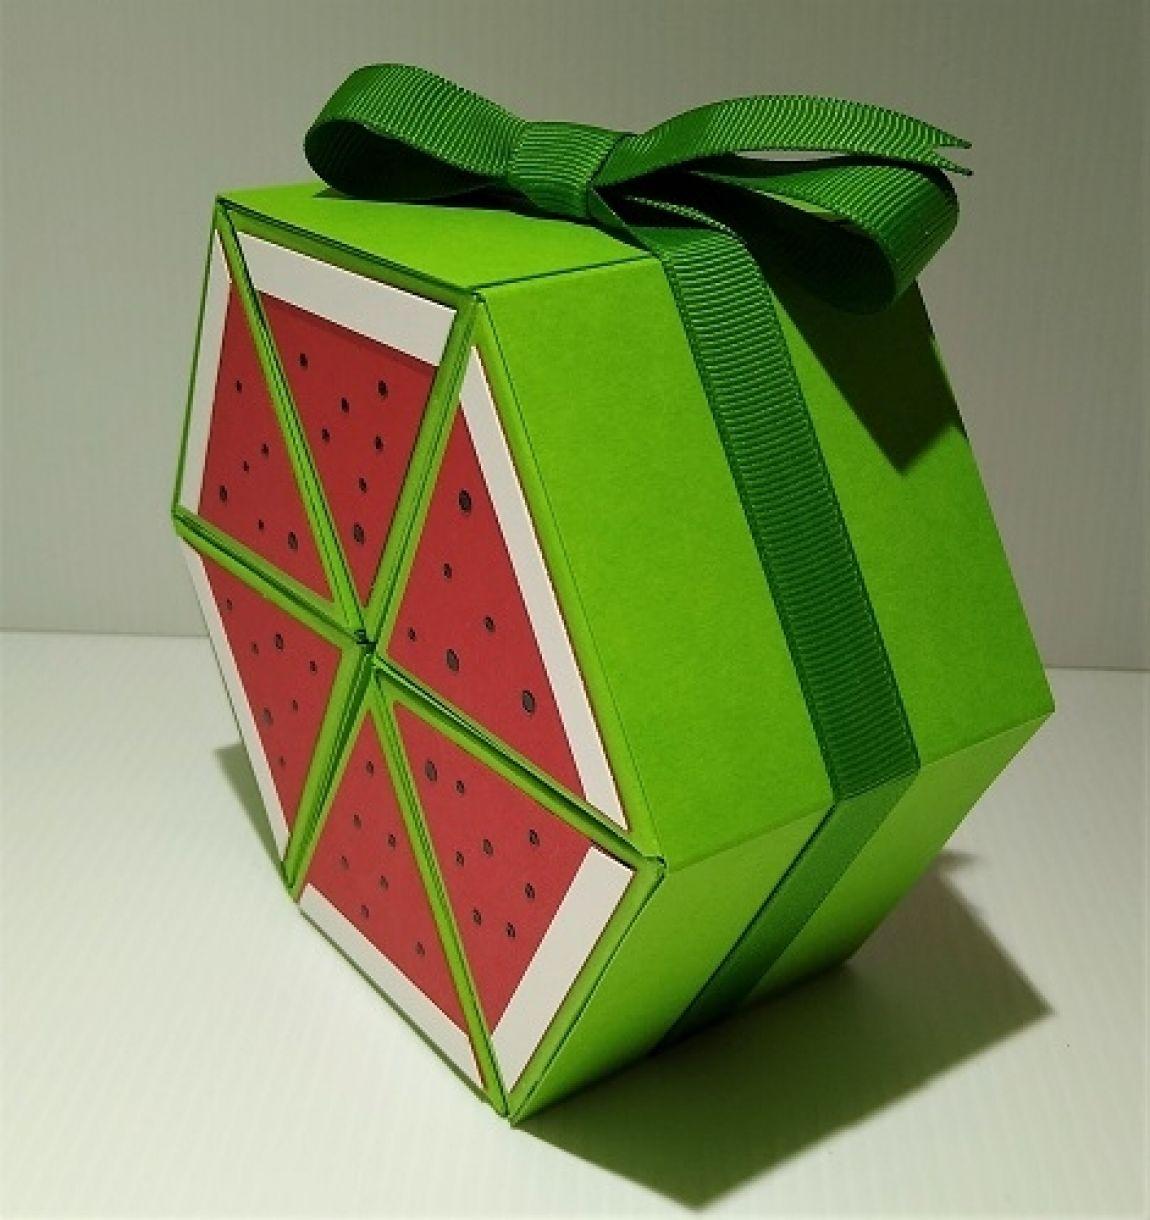 Hexagonal Roll Up Watermelon Gift Box 2